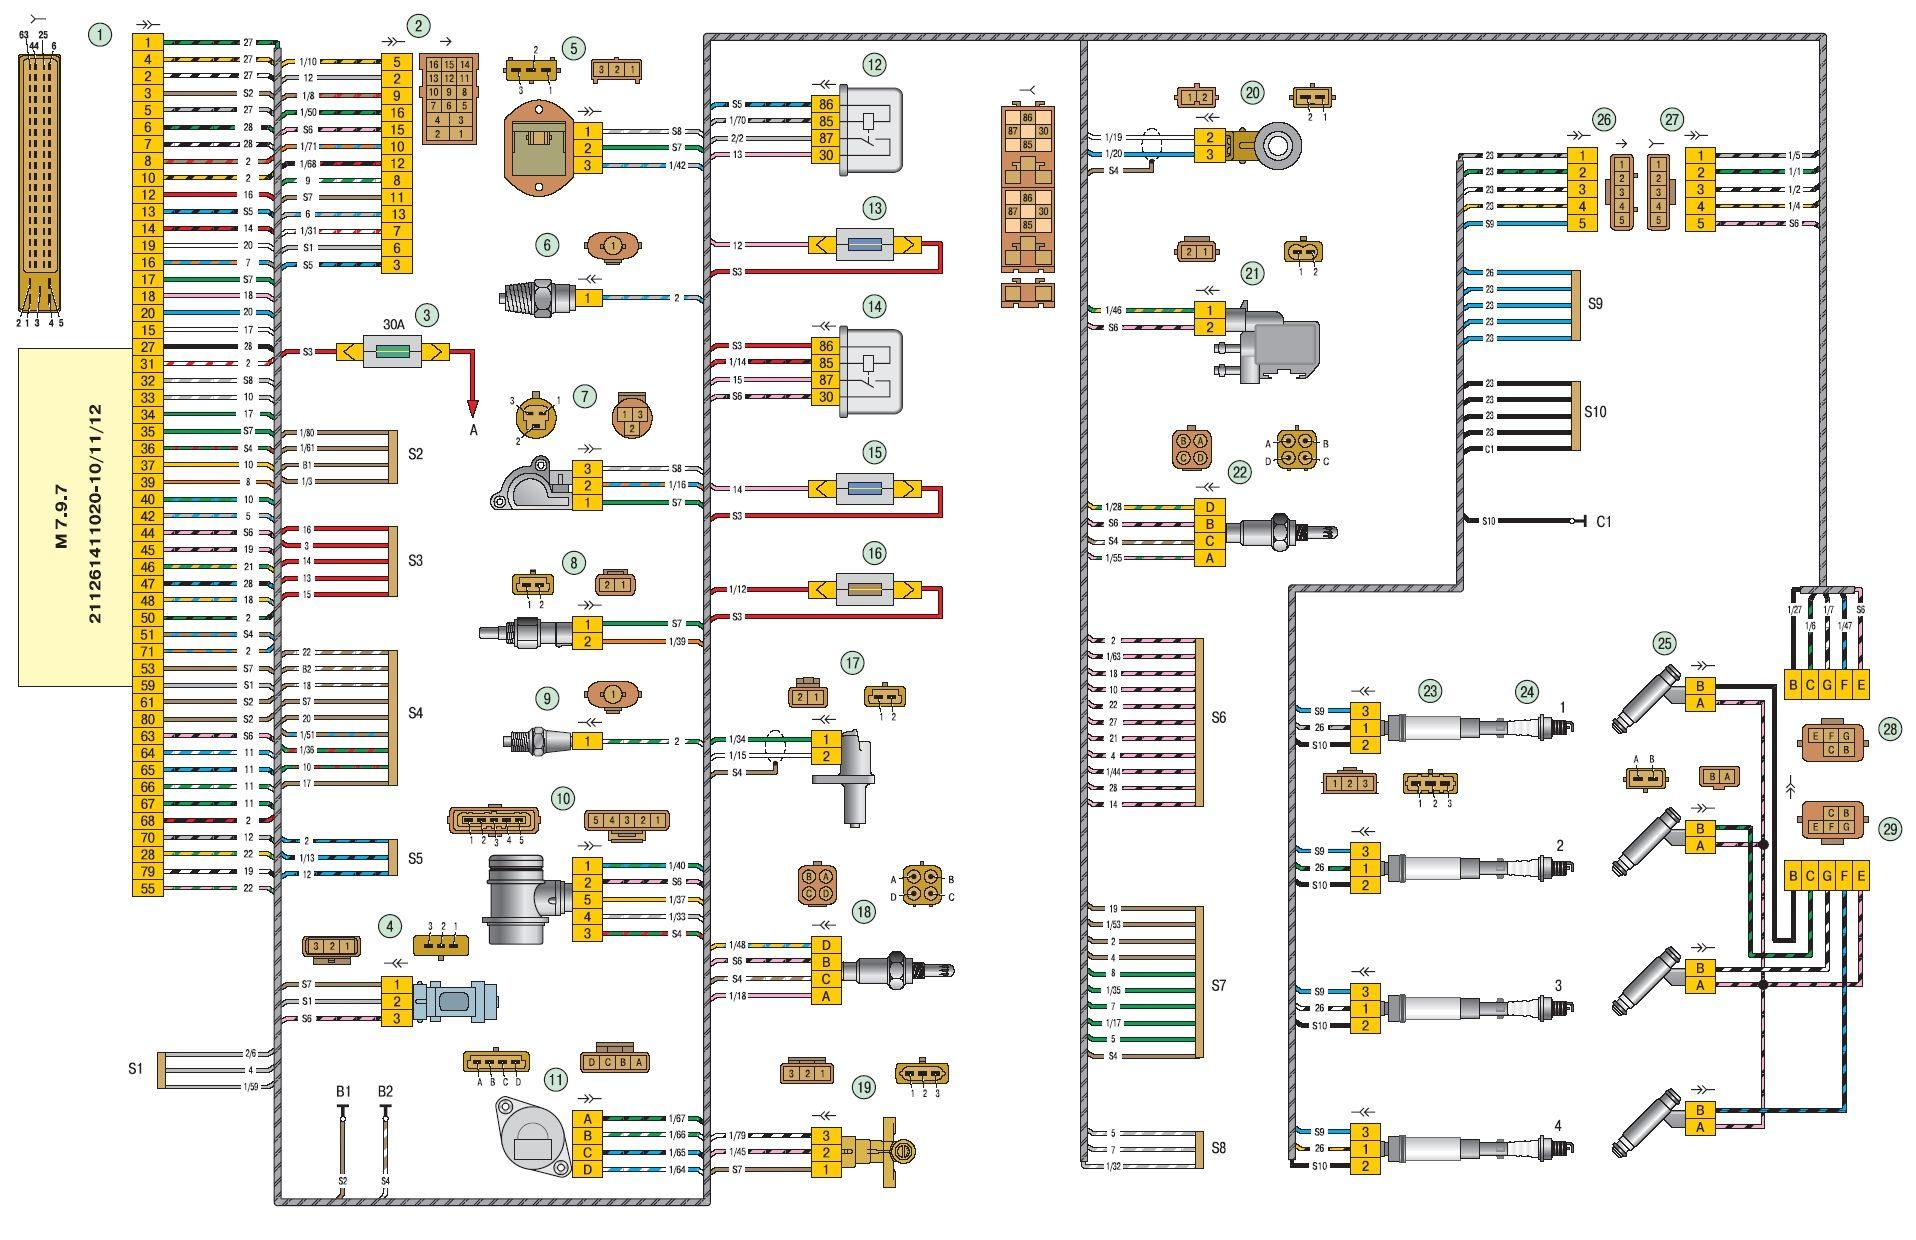 ...(ЭСУД) автомобиль Лада Приора ВАЗ 2170: 1 - ЭБУ; 2 - разъем жгута ЭСУД к жгуту панели приборов; 3 - основной блок...